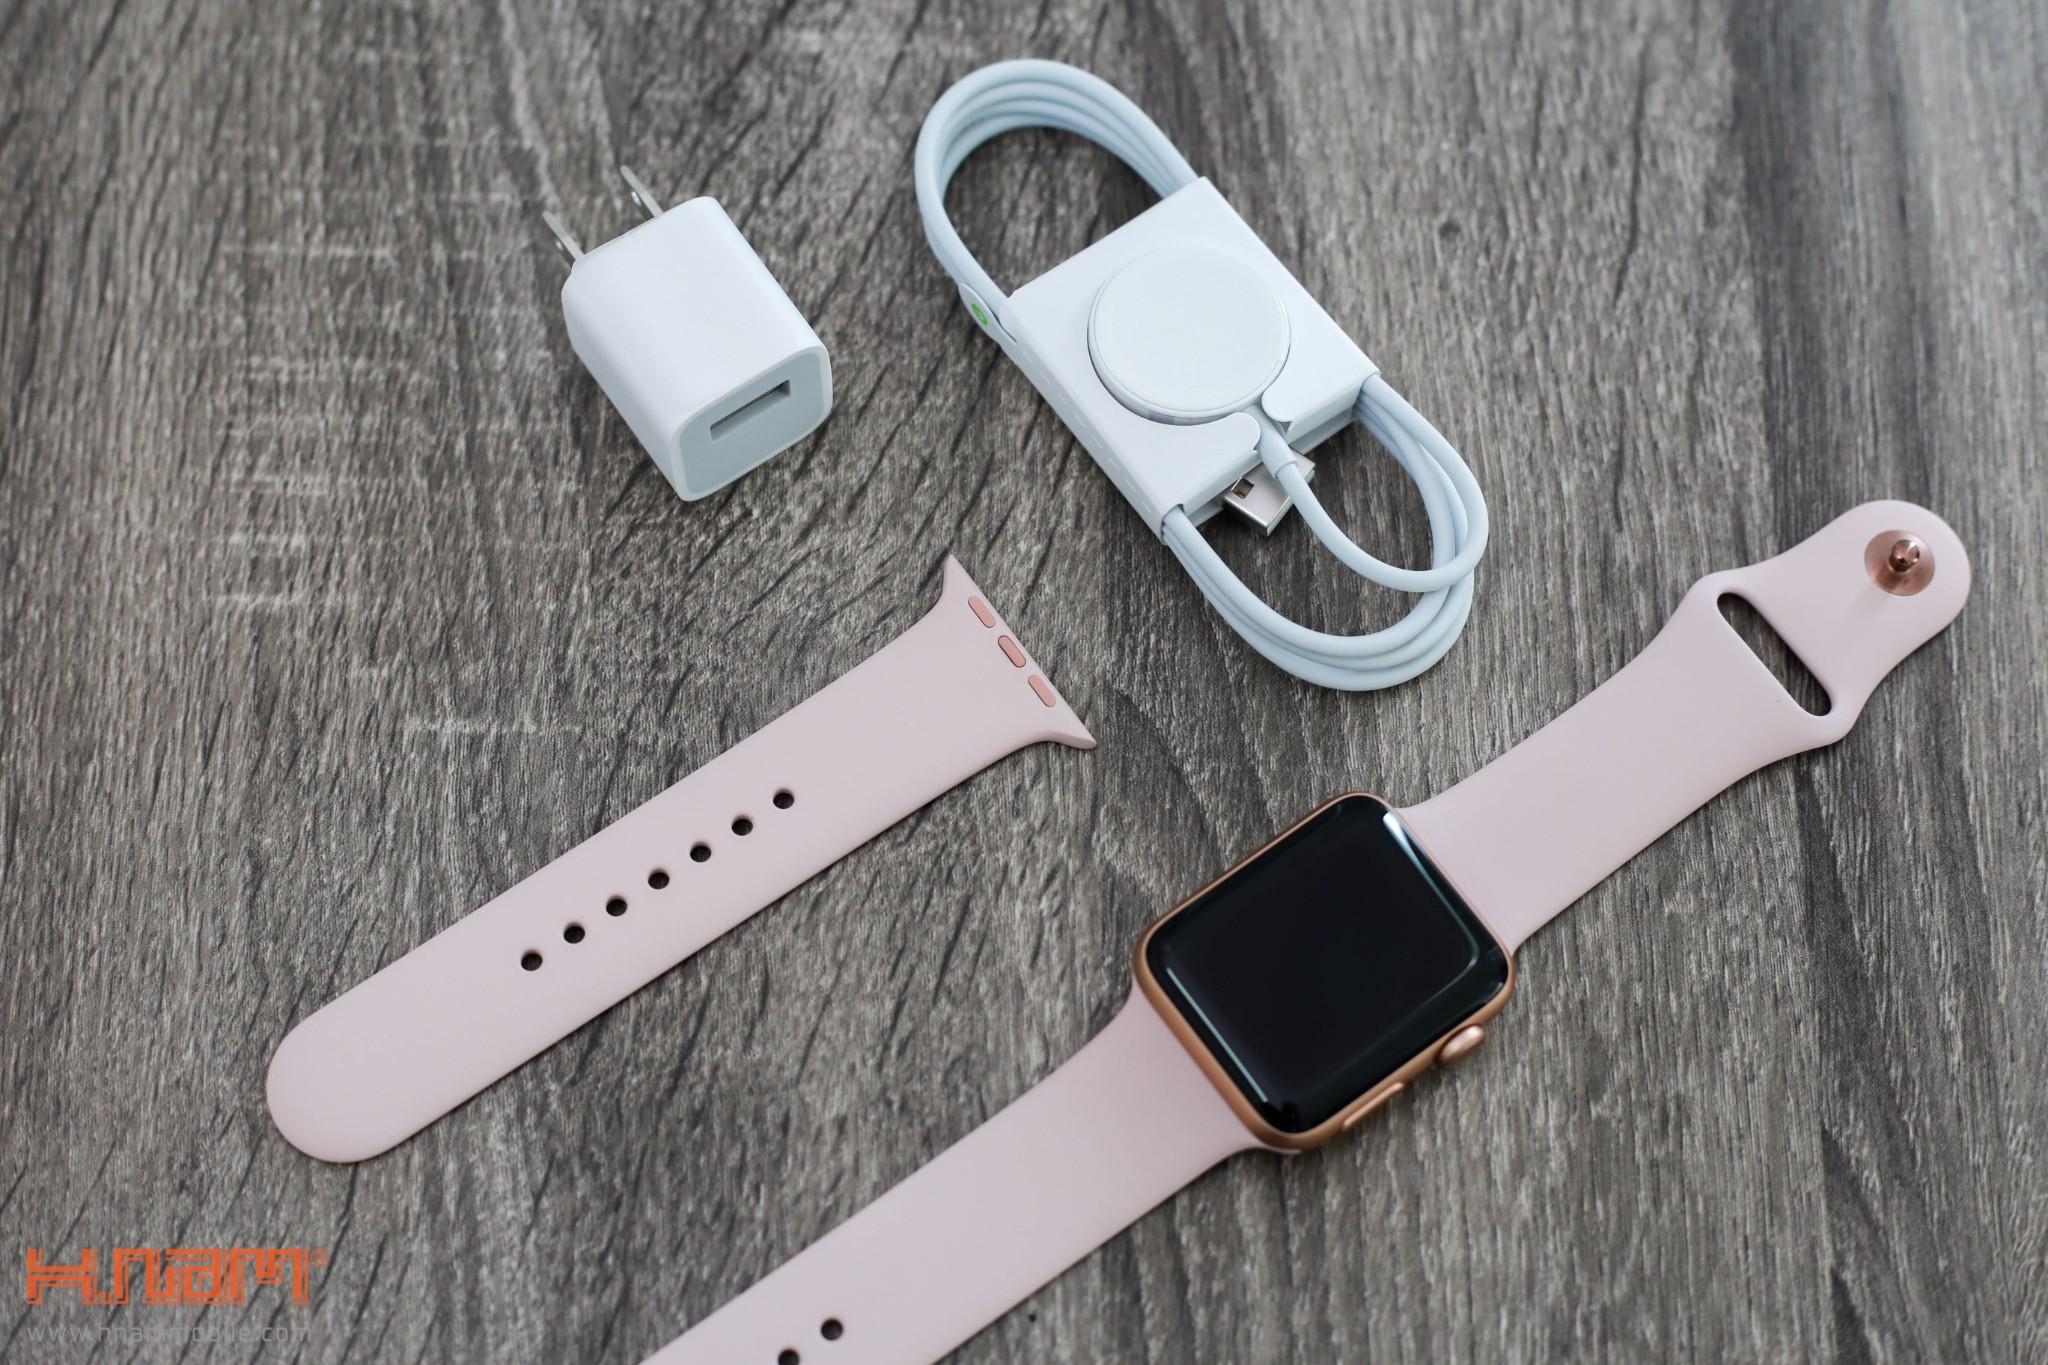 Đập 2 hộp Apple Watch Series 3: Vẫn rất đẹp và hiện đại, cấu hình mạnh hơn hình 5